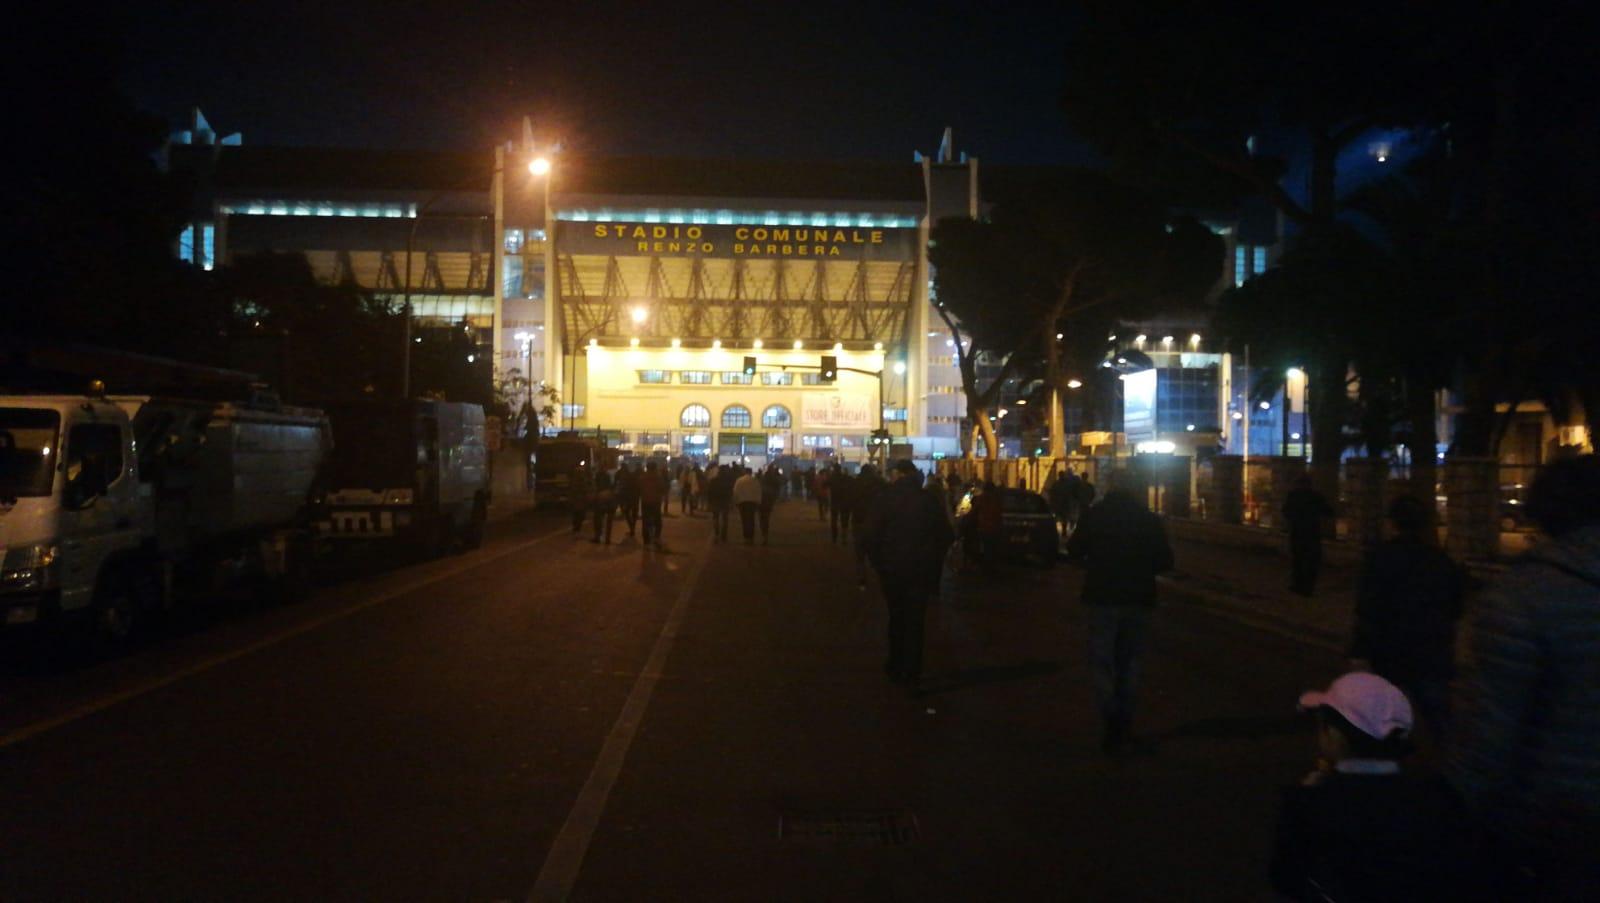 """Si avvicina l'inizio di Palermo – Pescara, scontro diretto per la vetta della Serie B e iniziano ad arrivare i tifosi allo stadio """"Renzo Barbera"""".La gara farà segnare il record stagionale di presenze e, anche se gli spalti non saranno gremiti,si sentirà un'atmosfera diversa rispetto alle altre partite casalinghe di questa stagione. PALERMO – PESCARA: LA DIRETTA TESTUALE DEL MATCH Gli uomini di Stellone cercheranno a tutti i costi i tre punti, dati anche i risultati delle altre big nel pomeriggio. In caso di vittoria, il Palermo andrebbe a più 4 punti dal terzo posto occupato dalla Salernitana. LEGGI ANCHE"""